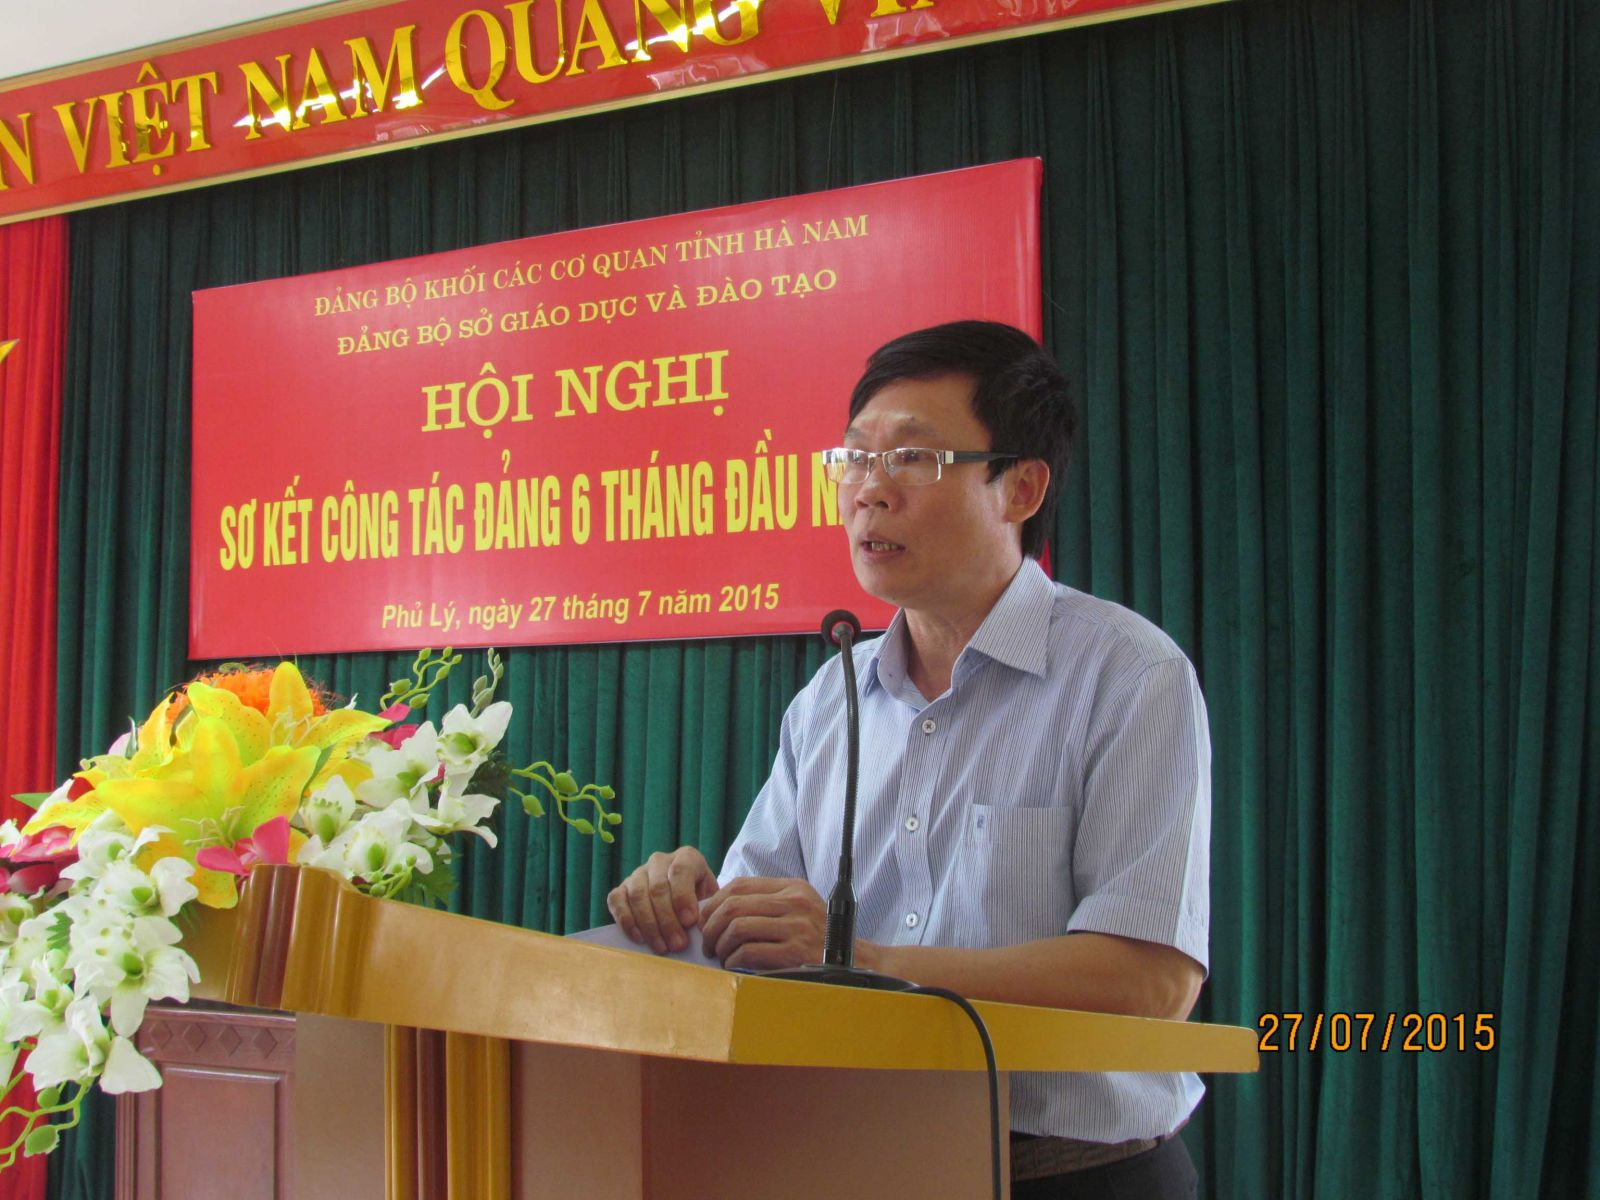 Đồng chí Nguyễn Văn Diện, Bí thư Đảng bộ chỉ đạo hội nghị